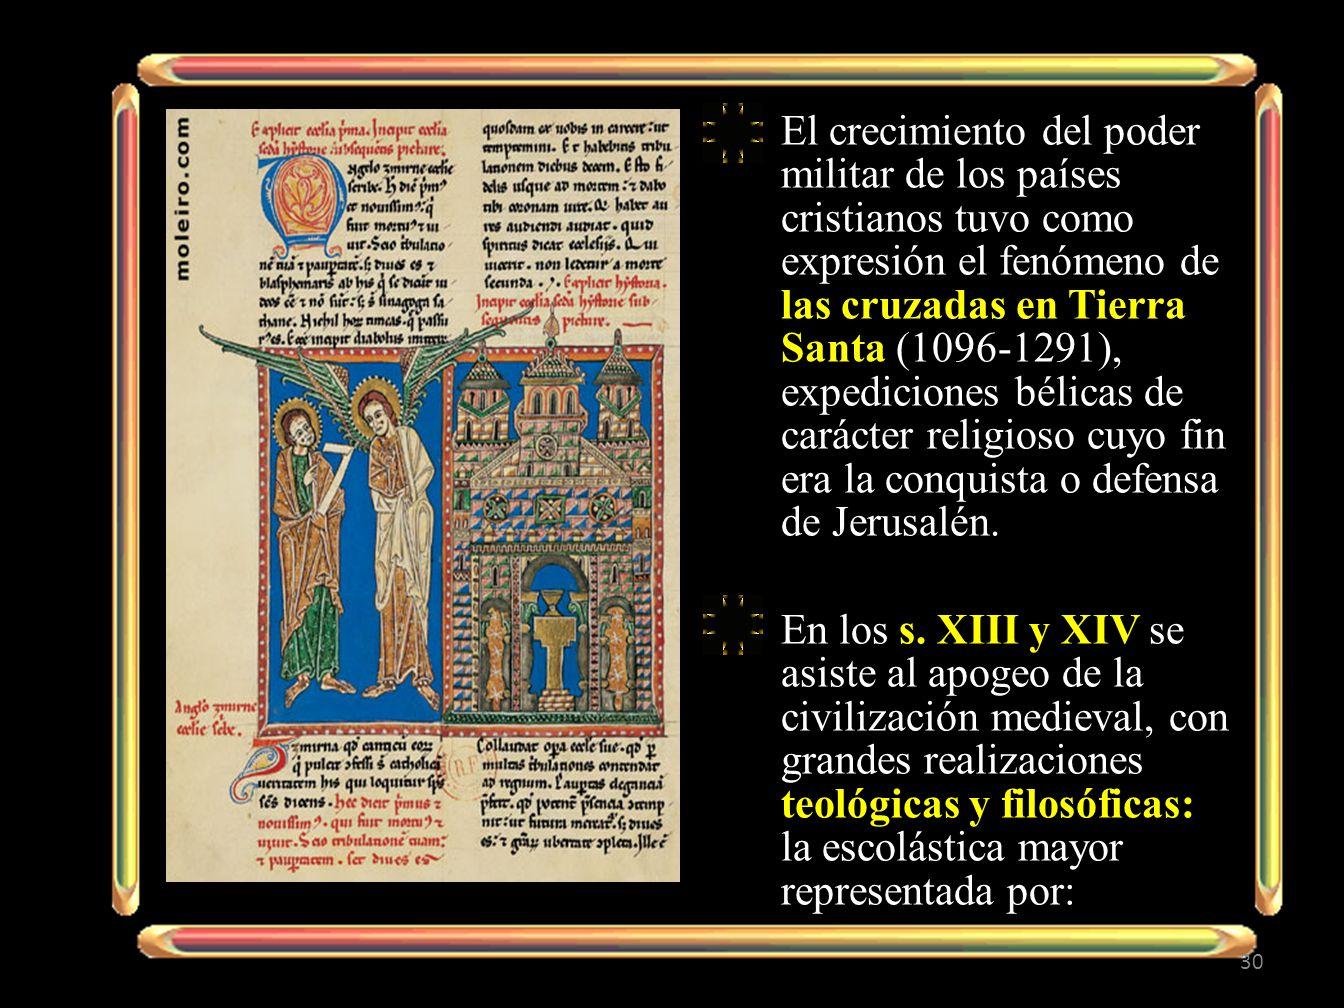 El crecimiento del poder militar de los países cristianos tuvo como expresión el fenómeno de las cruzadas en Tierra Santa (1096-1291), expediciones bé